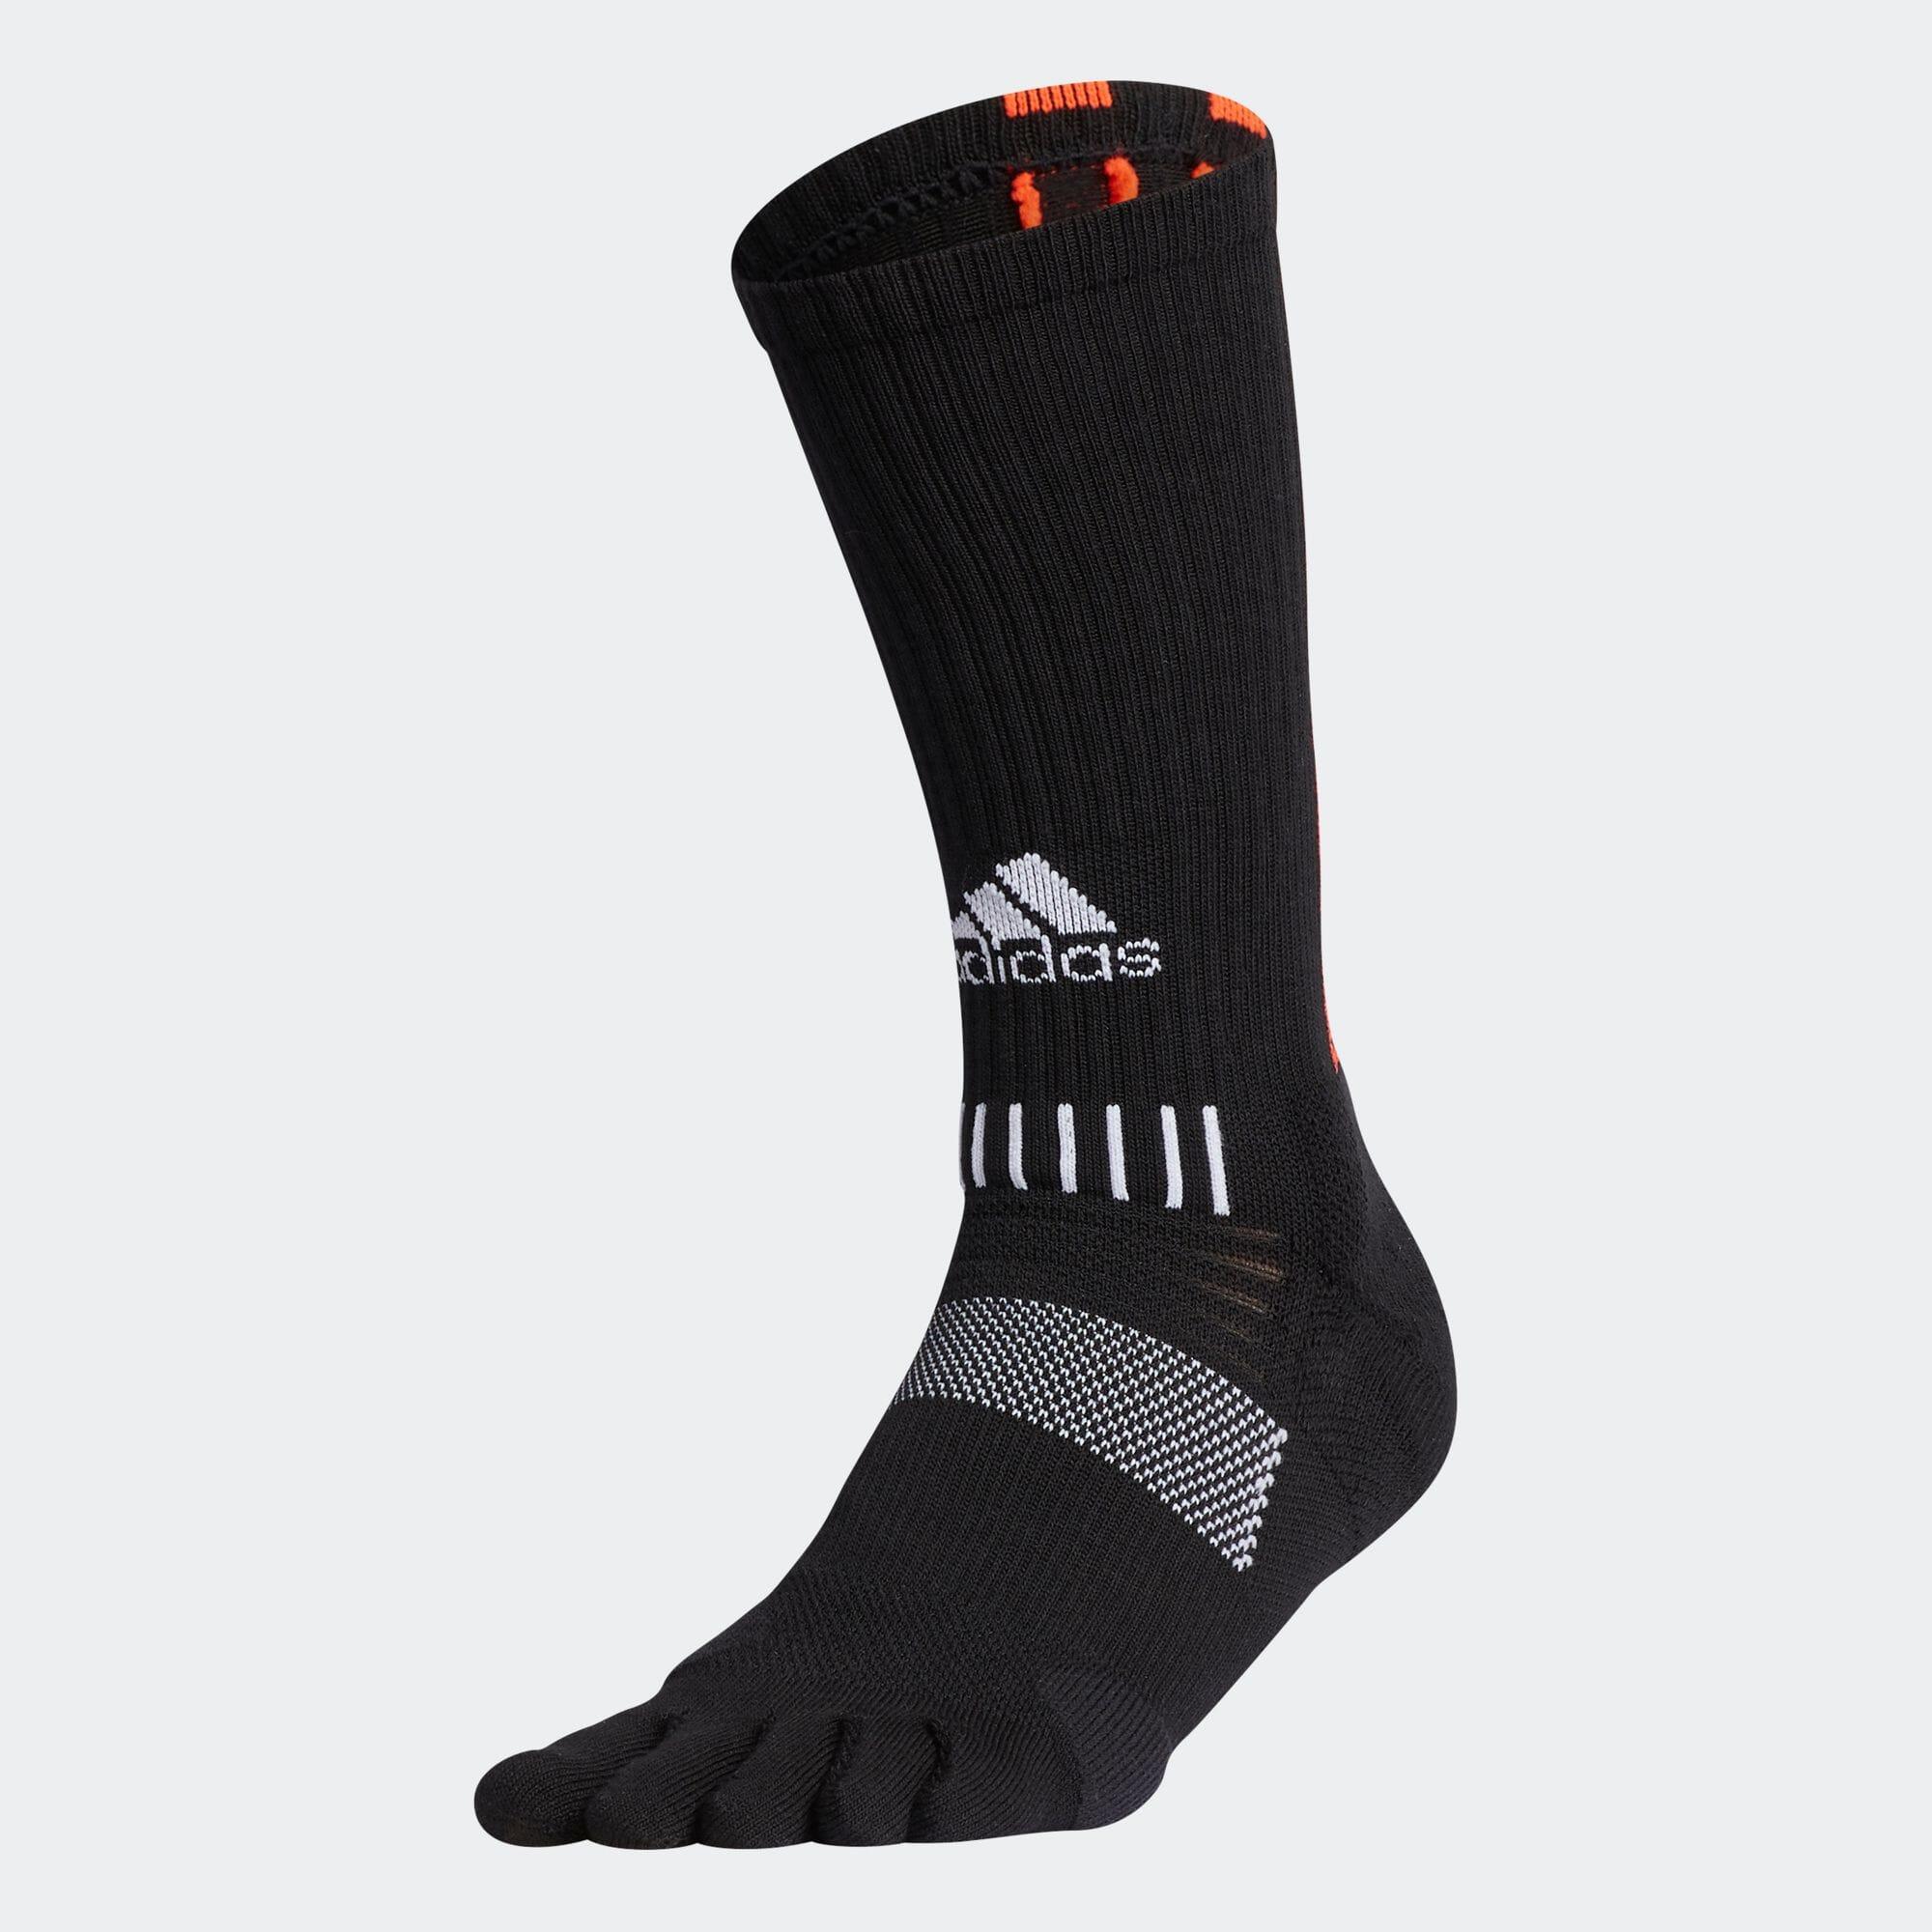 マルチフィットソックス 5フィンガー / Five-Finger Crew Socks